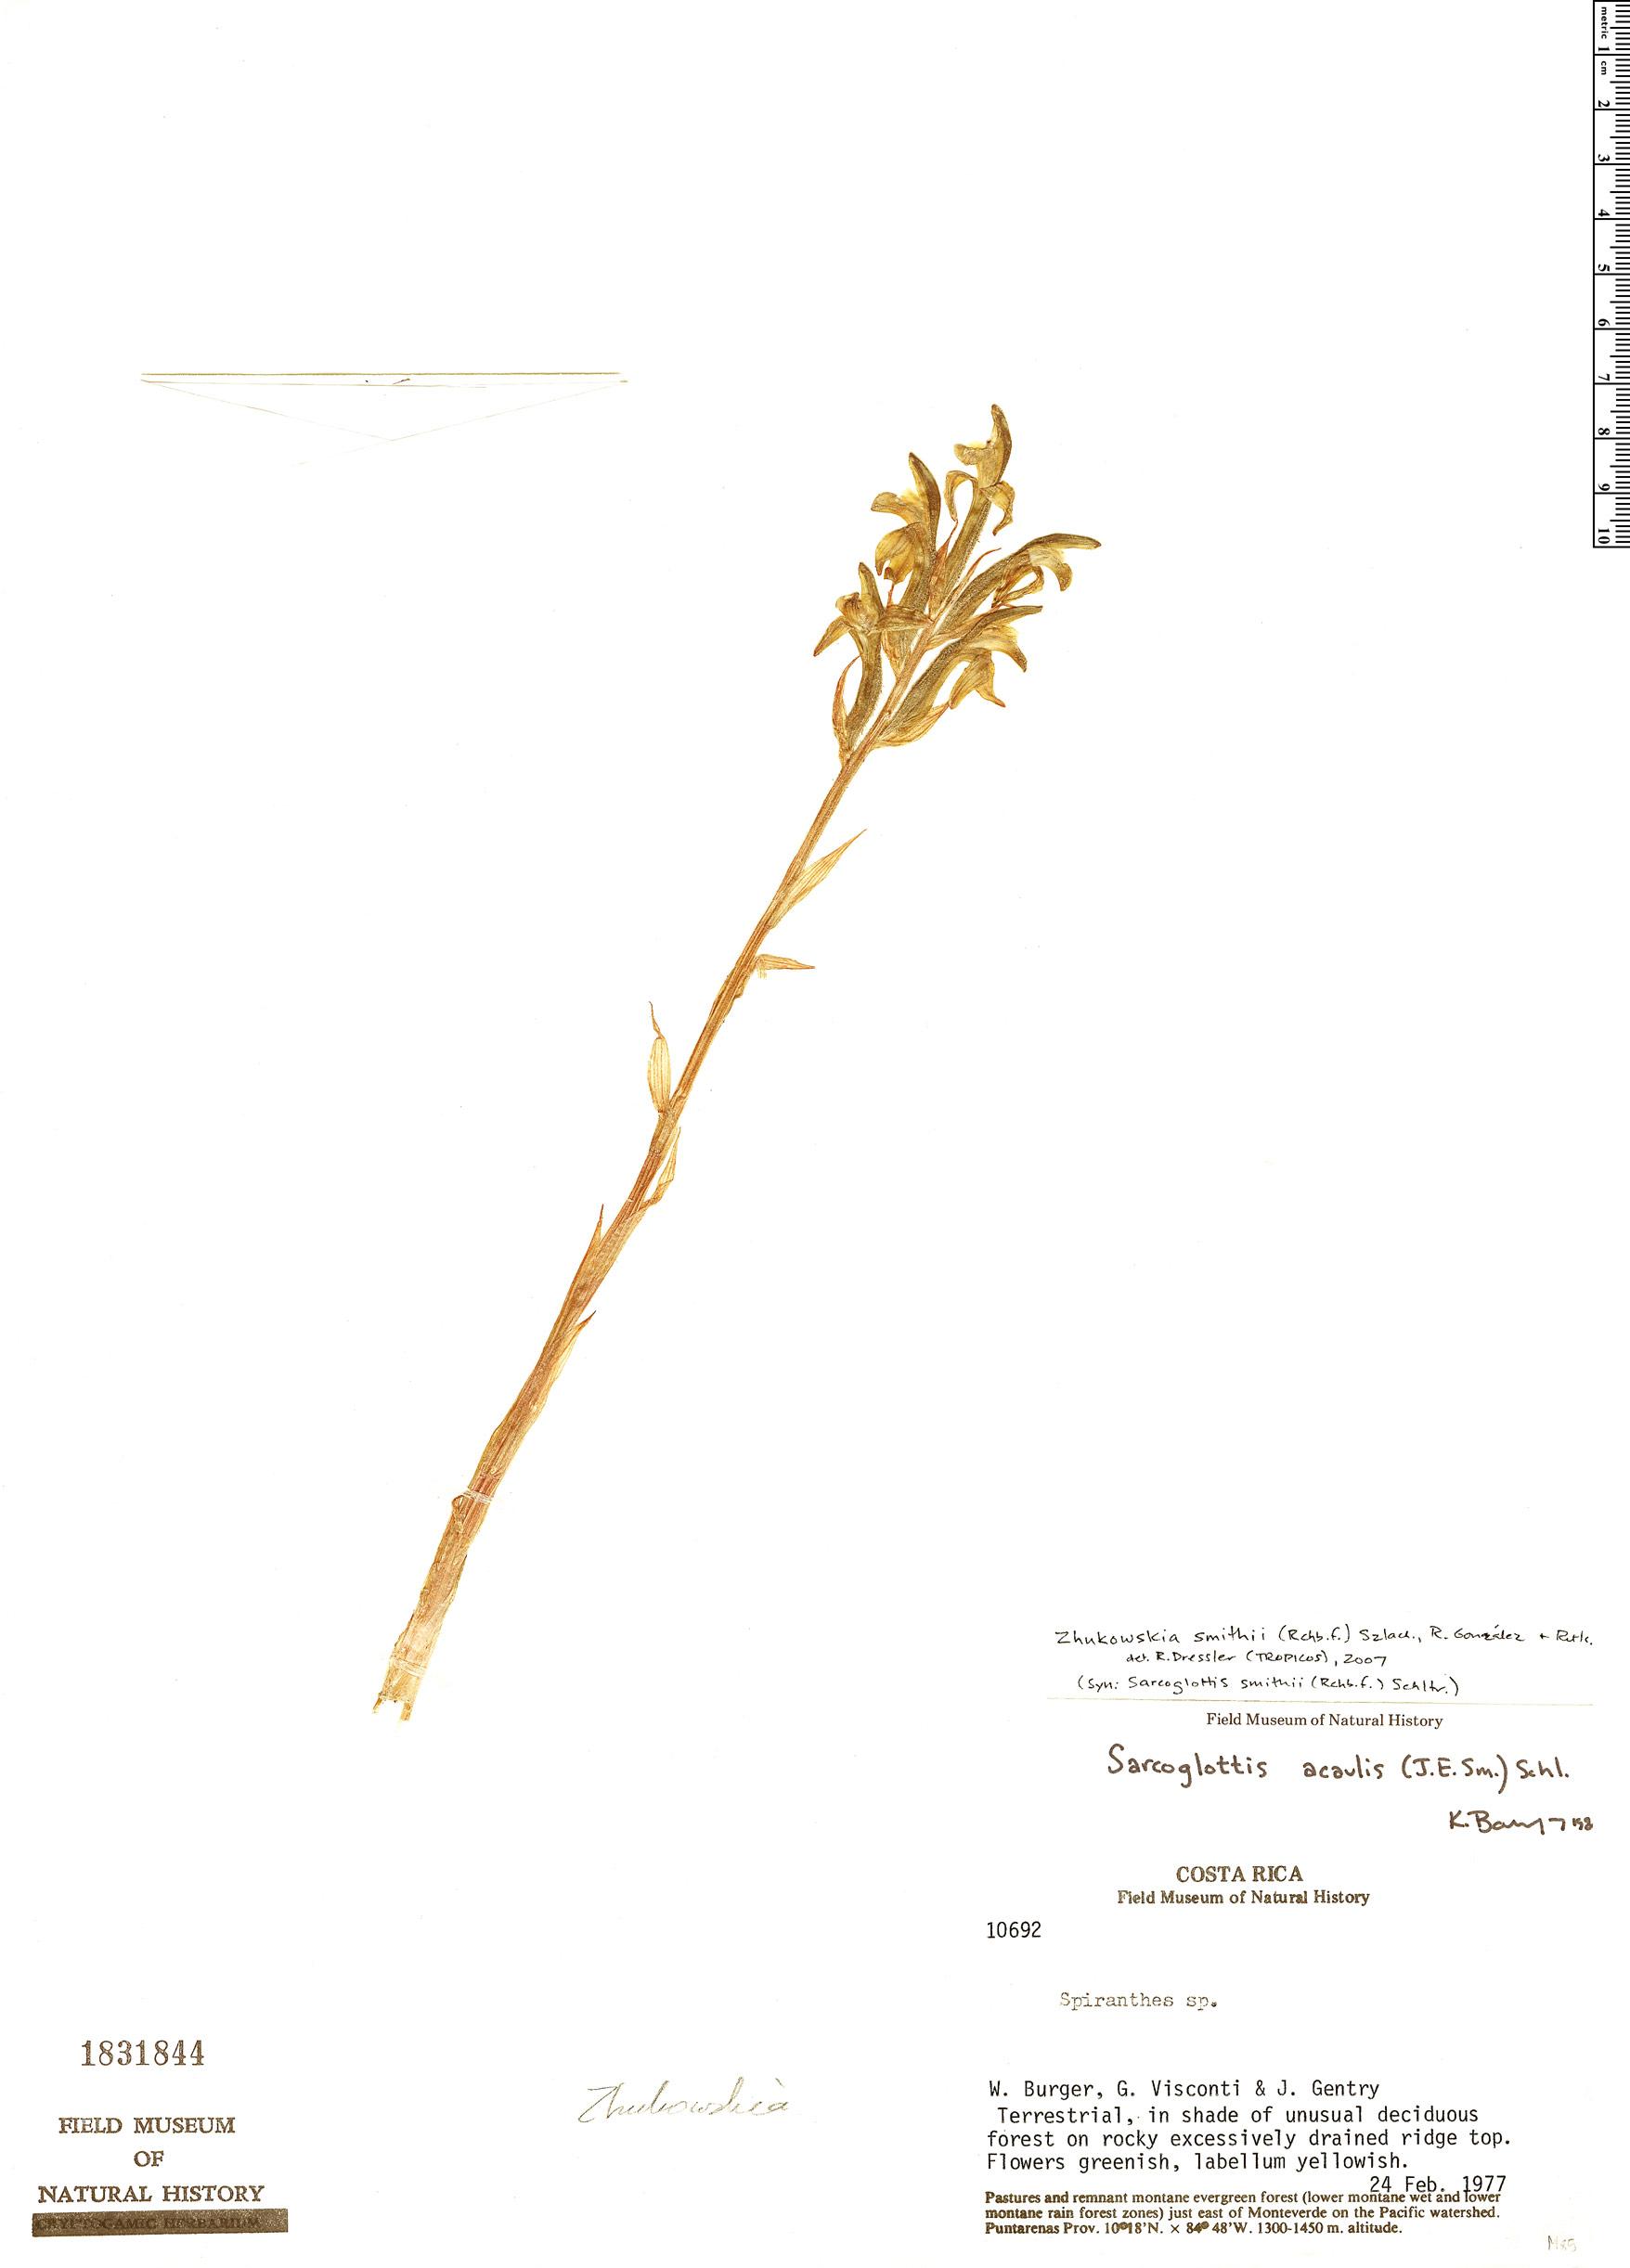 Specimen: Zhukowskia smithii